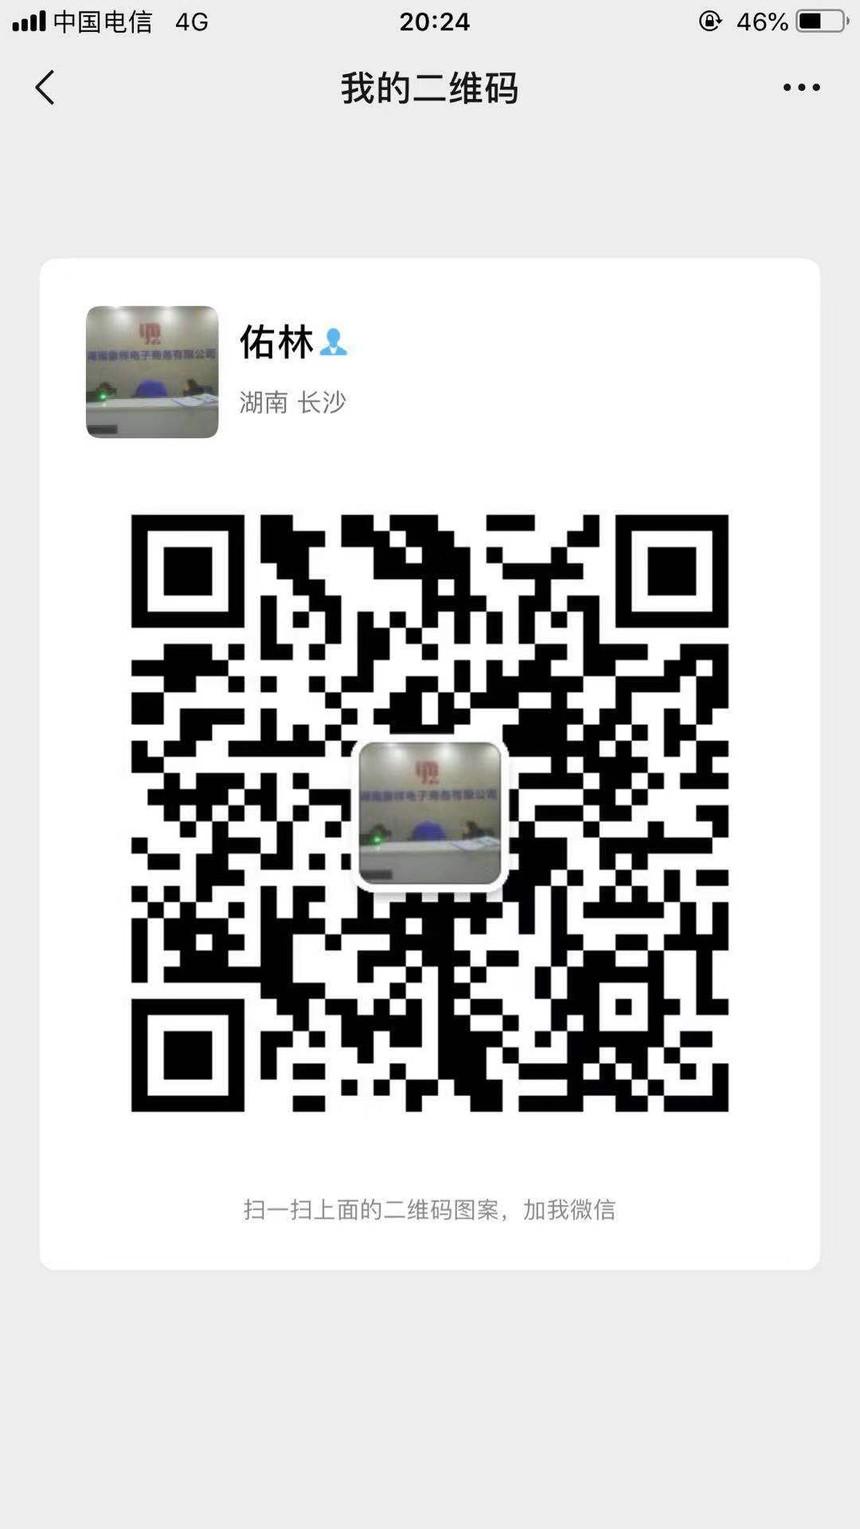 微信图片_20190227202658.jpg